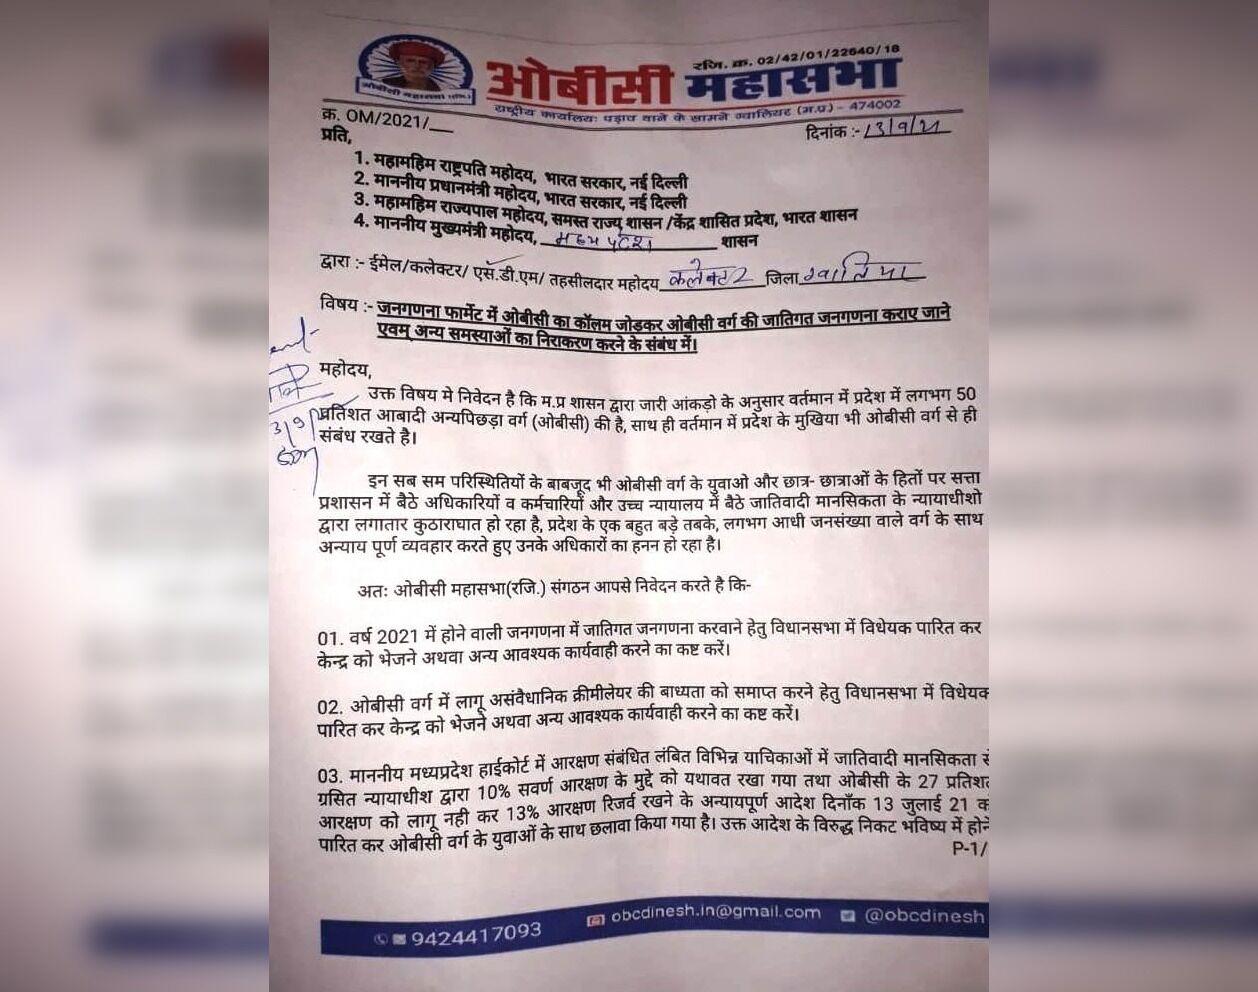 ओबीसी की जनगणना कराने की मांग के साथ दिया ज्ञापन: राजेश कुशवाह